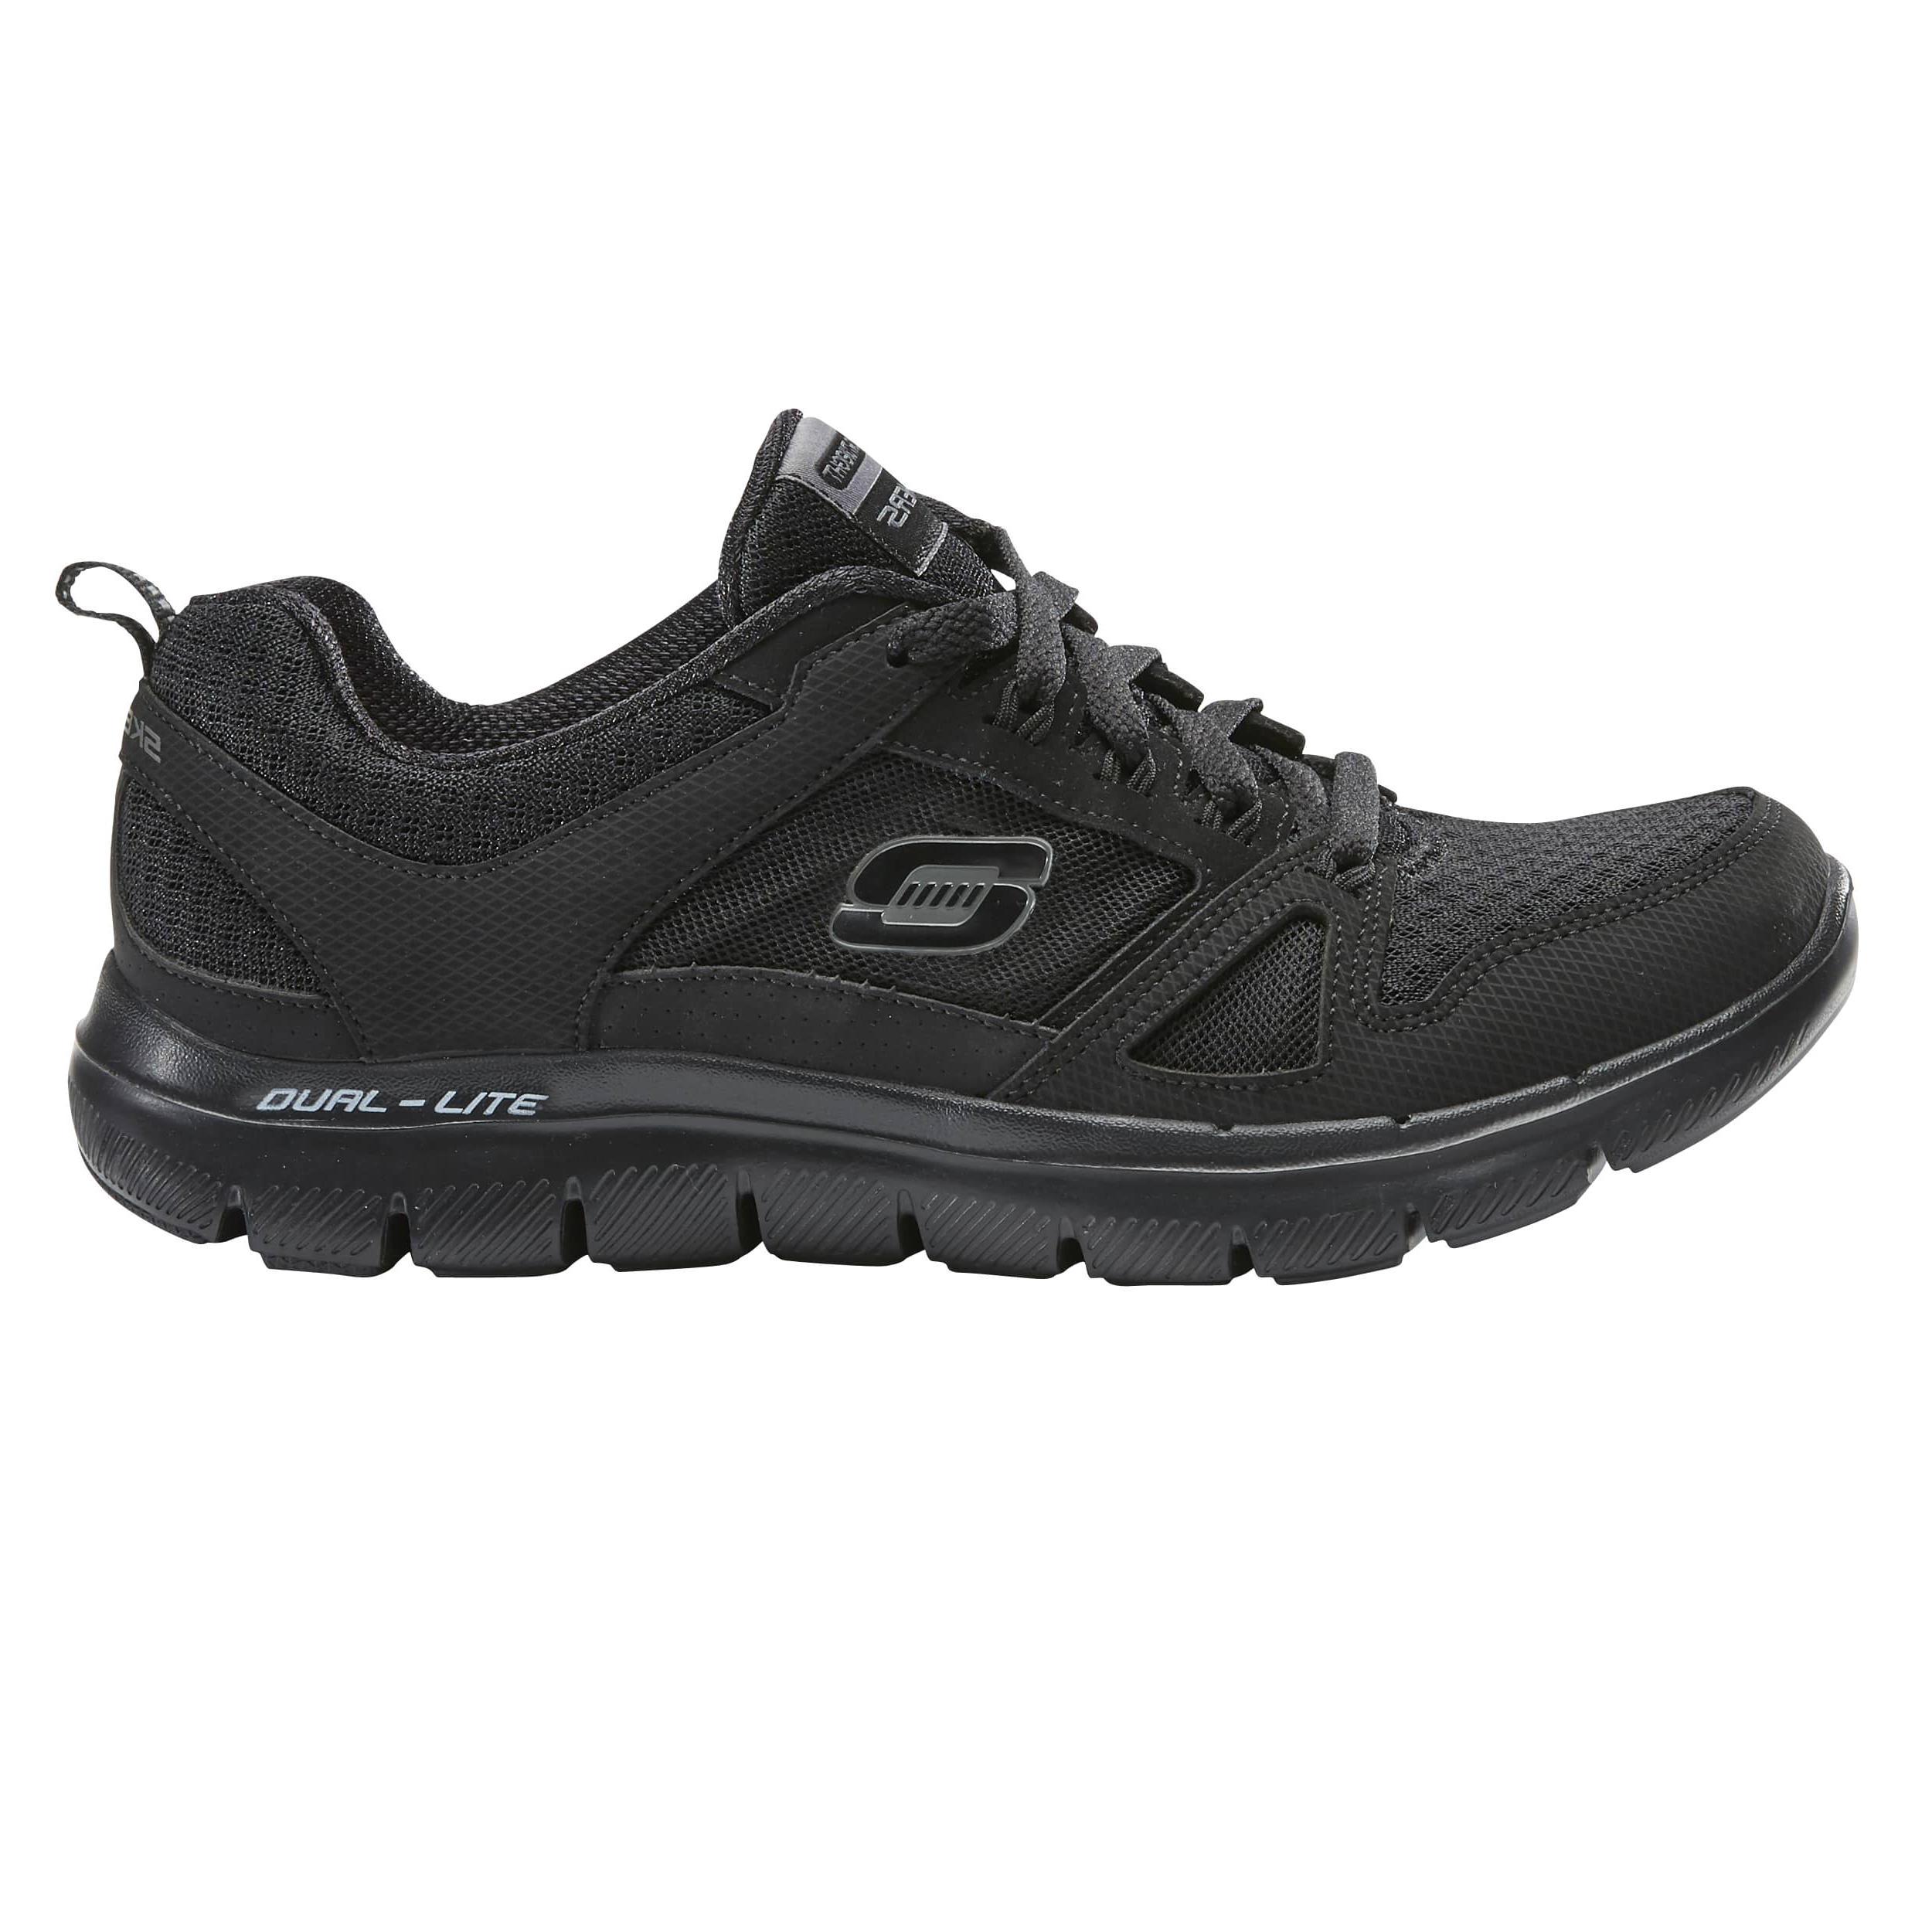 7ceb6bb961f Zapatillas de Marcha Deportiva Skechers Flex Dual Lite mujer negro Skechers